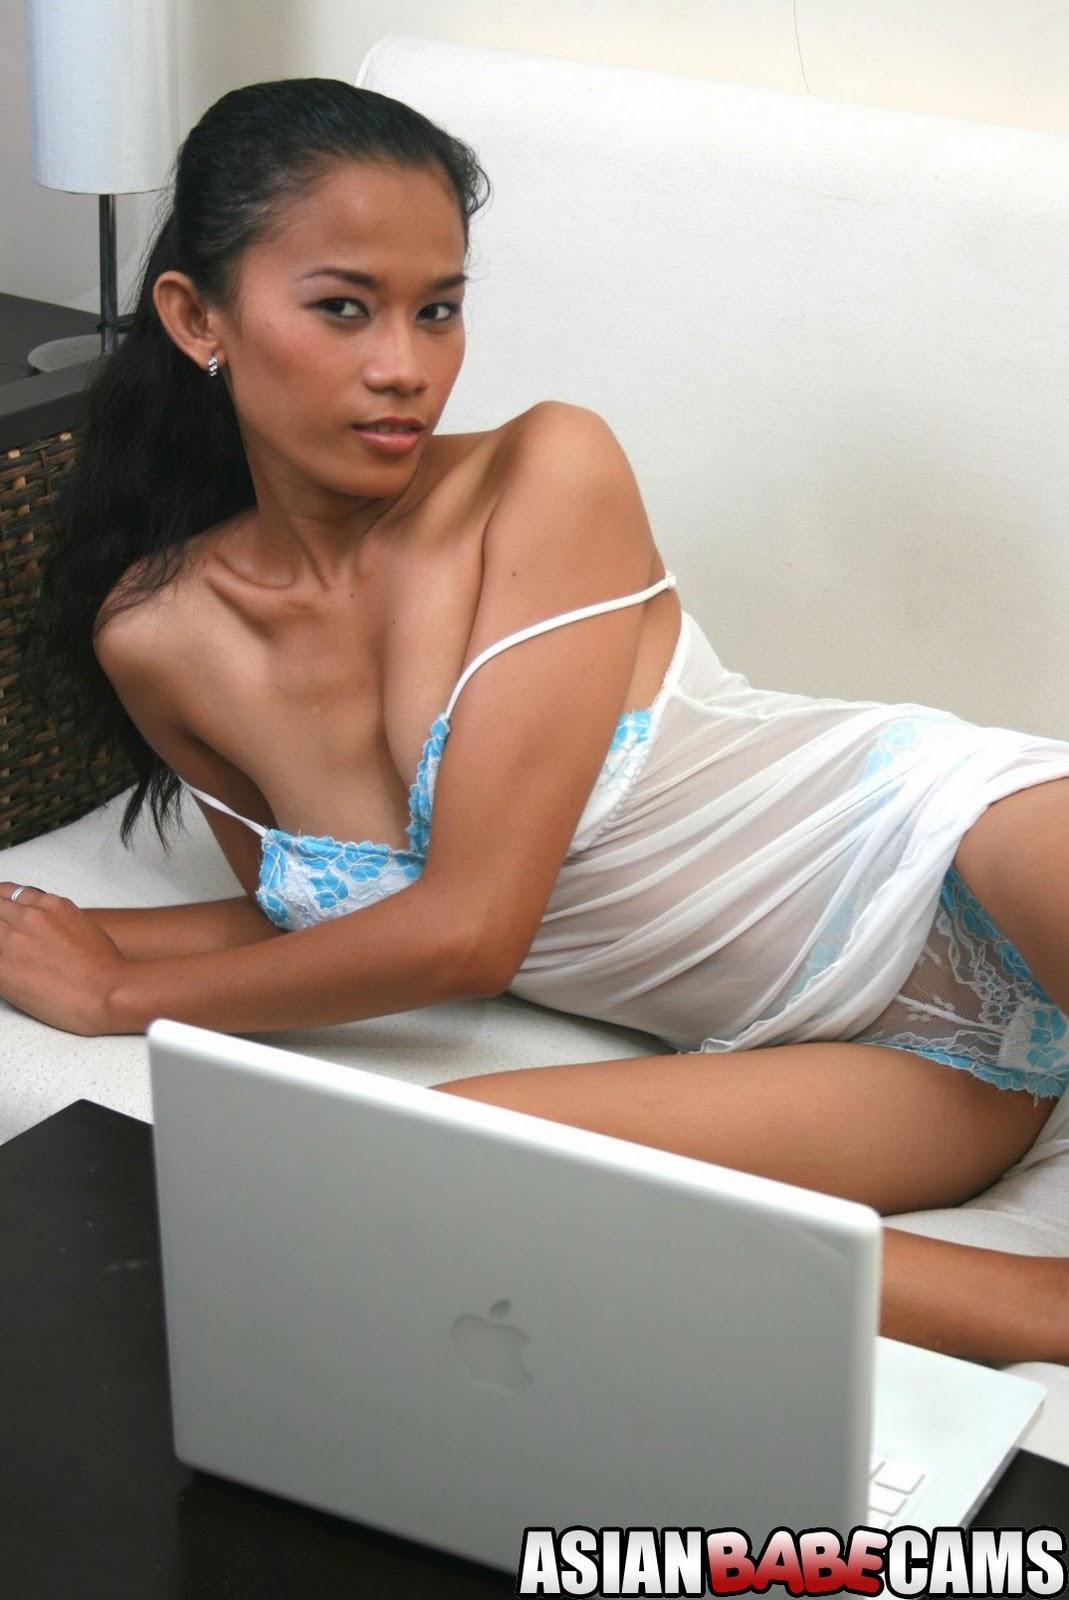 Asian Babe Cams Blog 57